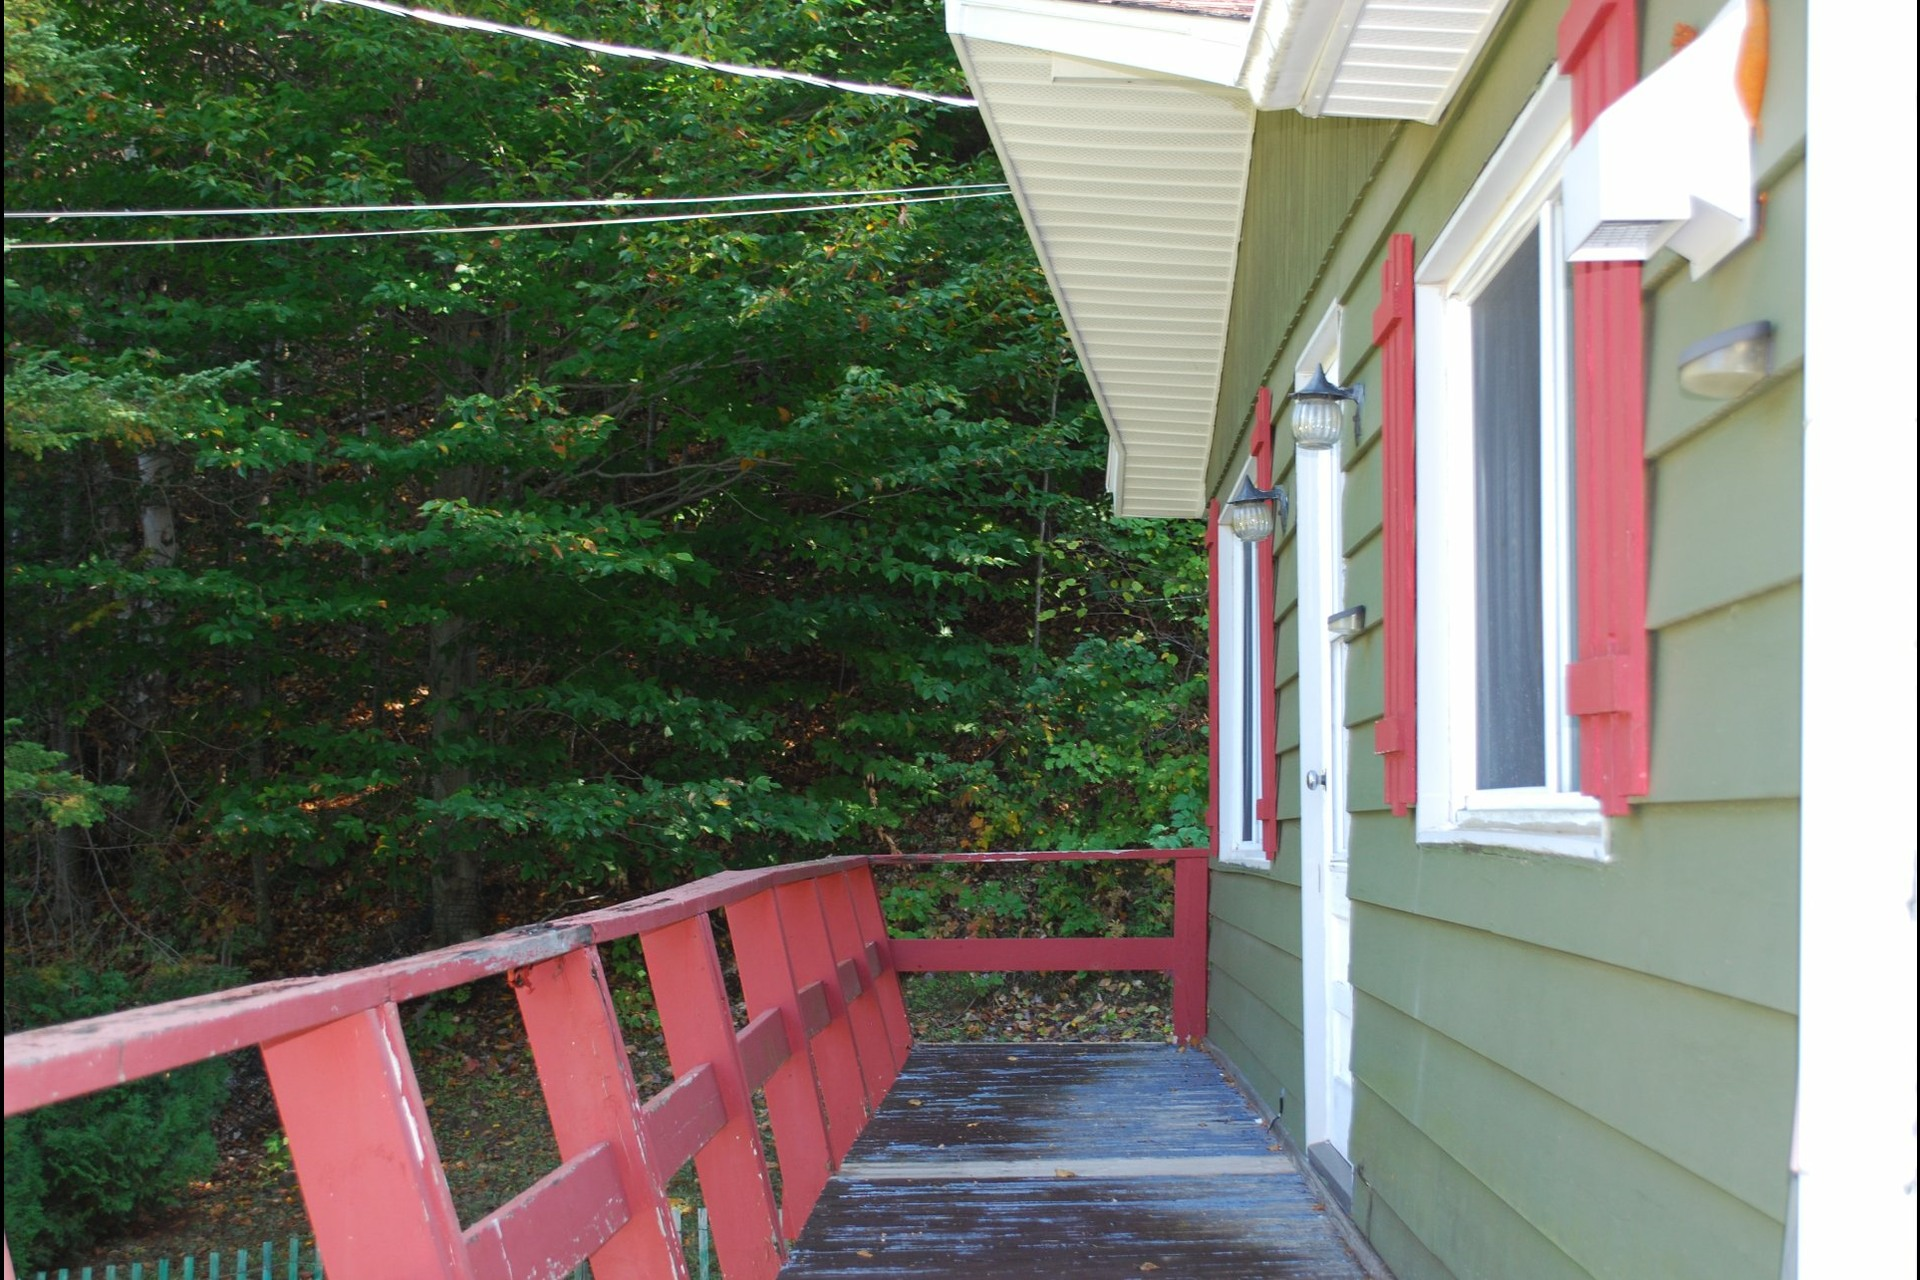 image 2 - House For sale Sainte-Béatrix - 5 rooms